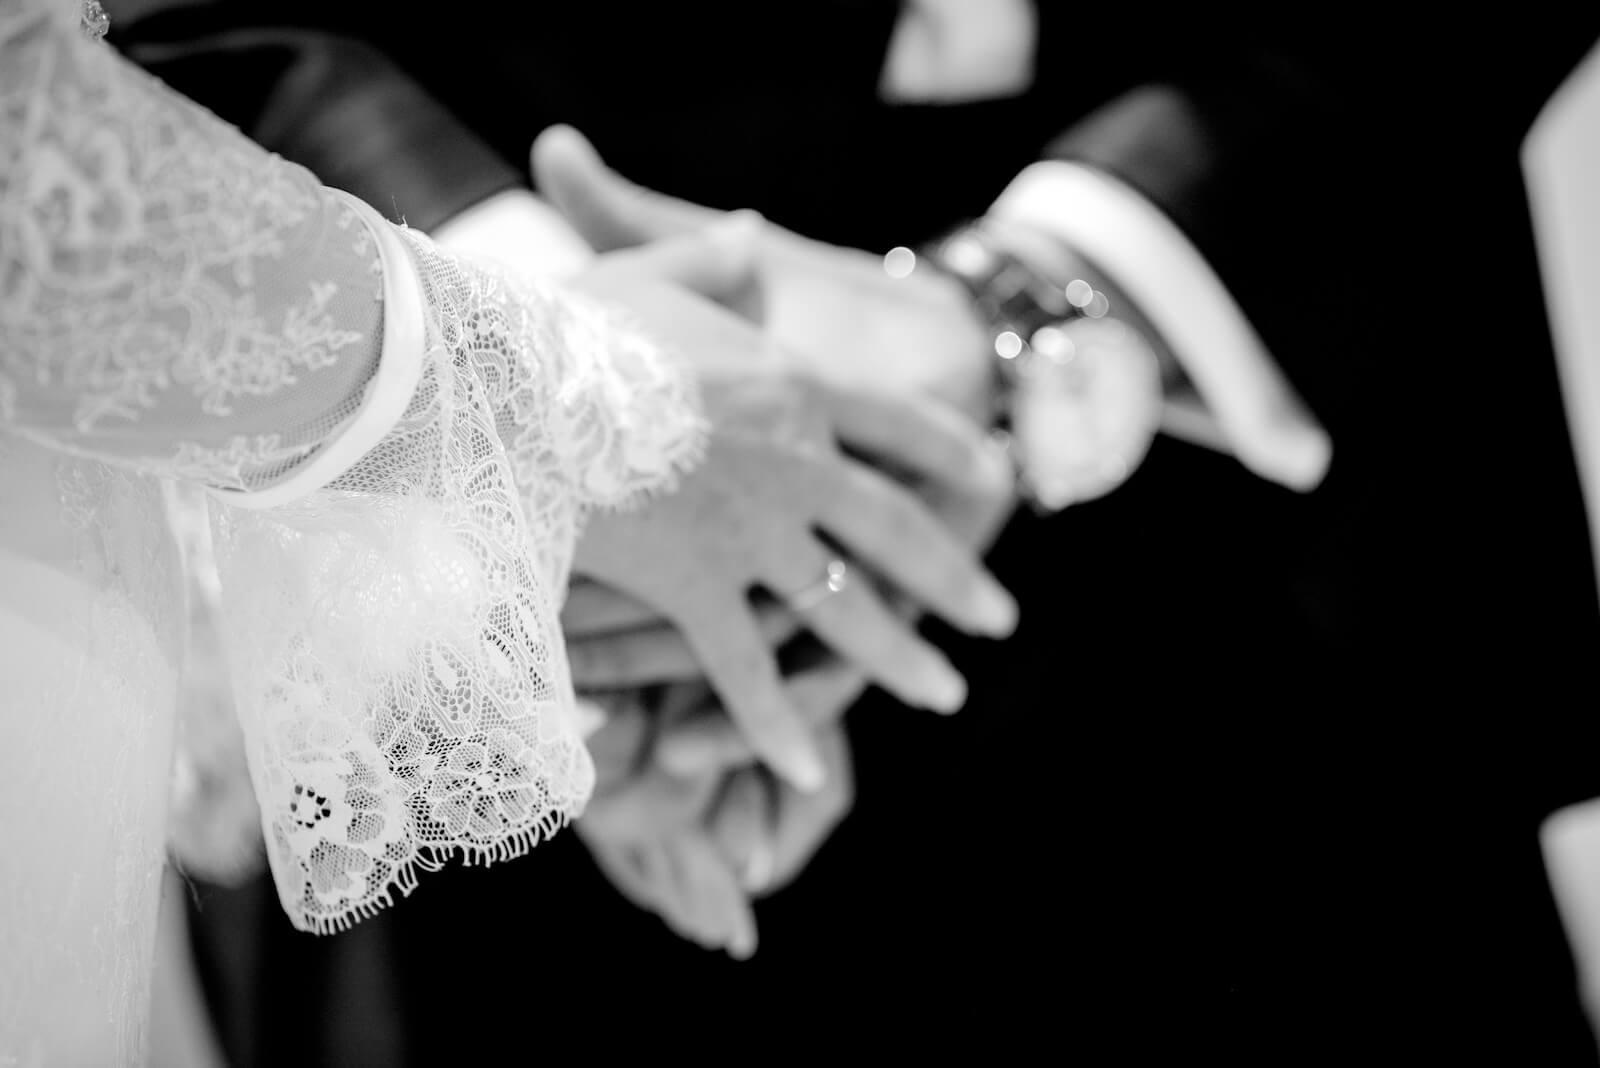 Hochzeit Gardasee - Detailaufnahme der Hände des Brautpaares